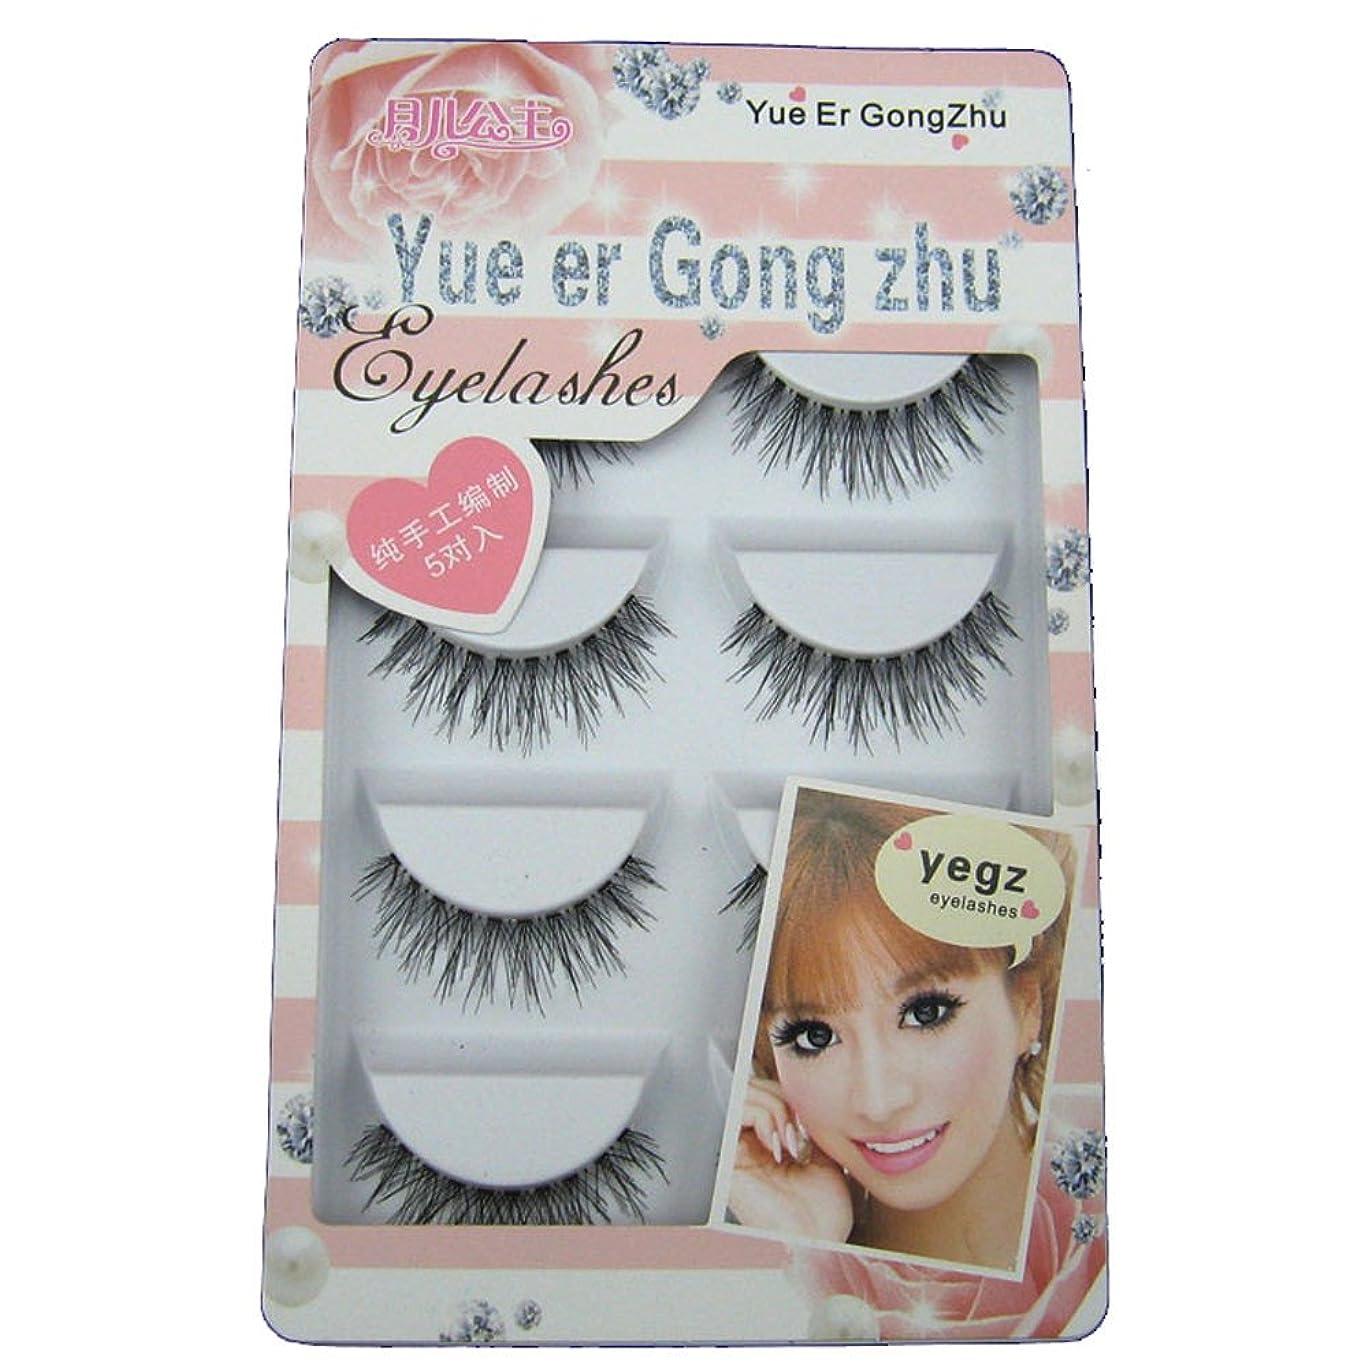 チケット記念日有罪Akane 5組 新和風 月の姫 Yue Er Gong Zhu 高品質 ブラック 濃密 使いやすい つけまつげ アイラッシュ Eyelashes (1cm-1.5cm)